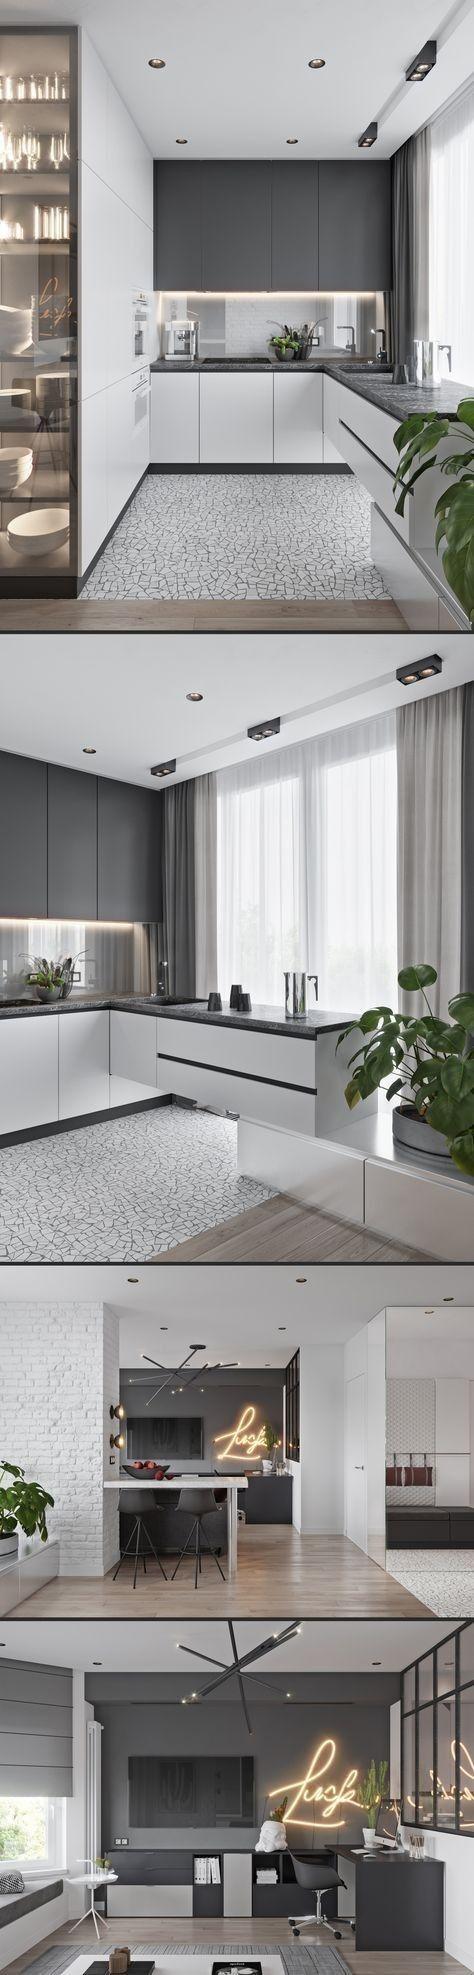 Limpieza y amplitud en una cocina blanca